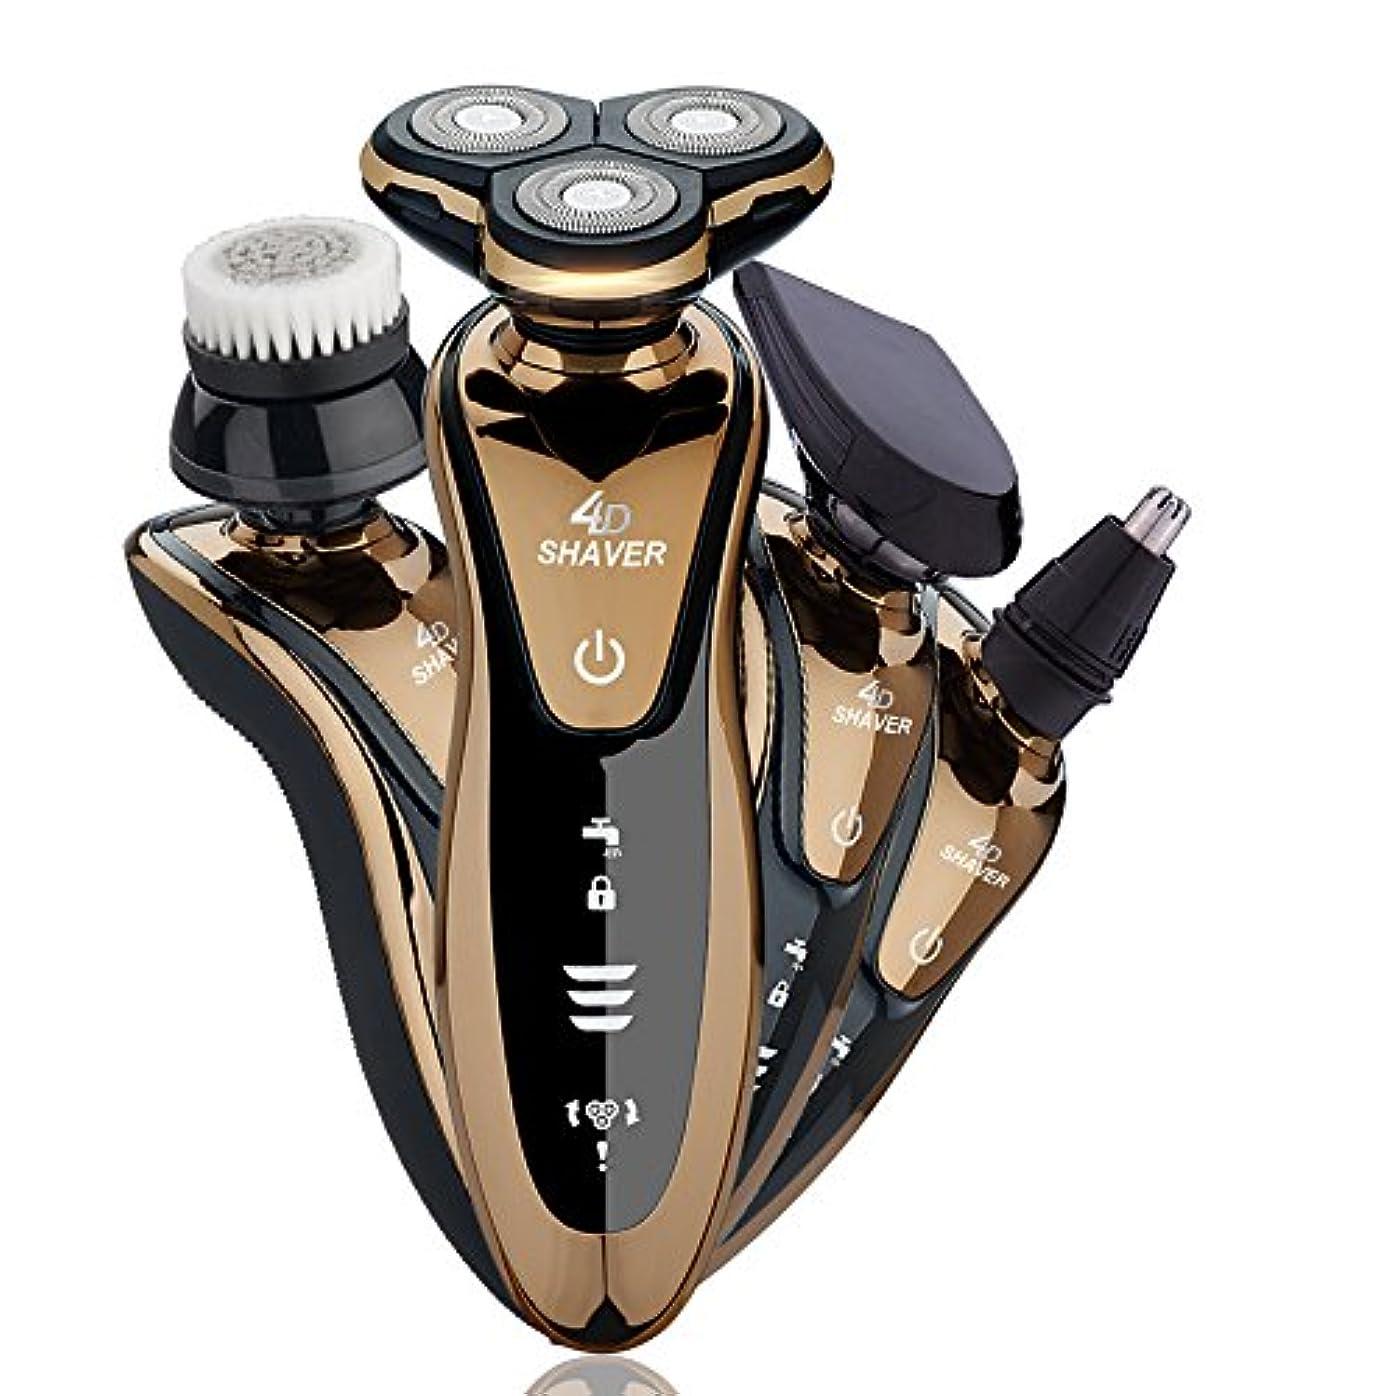 世界黒くする作動するメンズシェーバー電動 3枚刃 4 in 1髭剃り お風呂剃り可能 トリマーと鼻毛カッター 洗顔ブラシ付き 防水仕様IPX基準 本体丸洗い可能